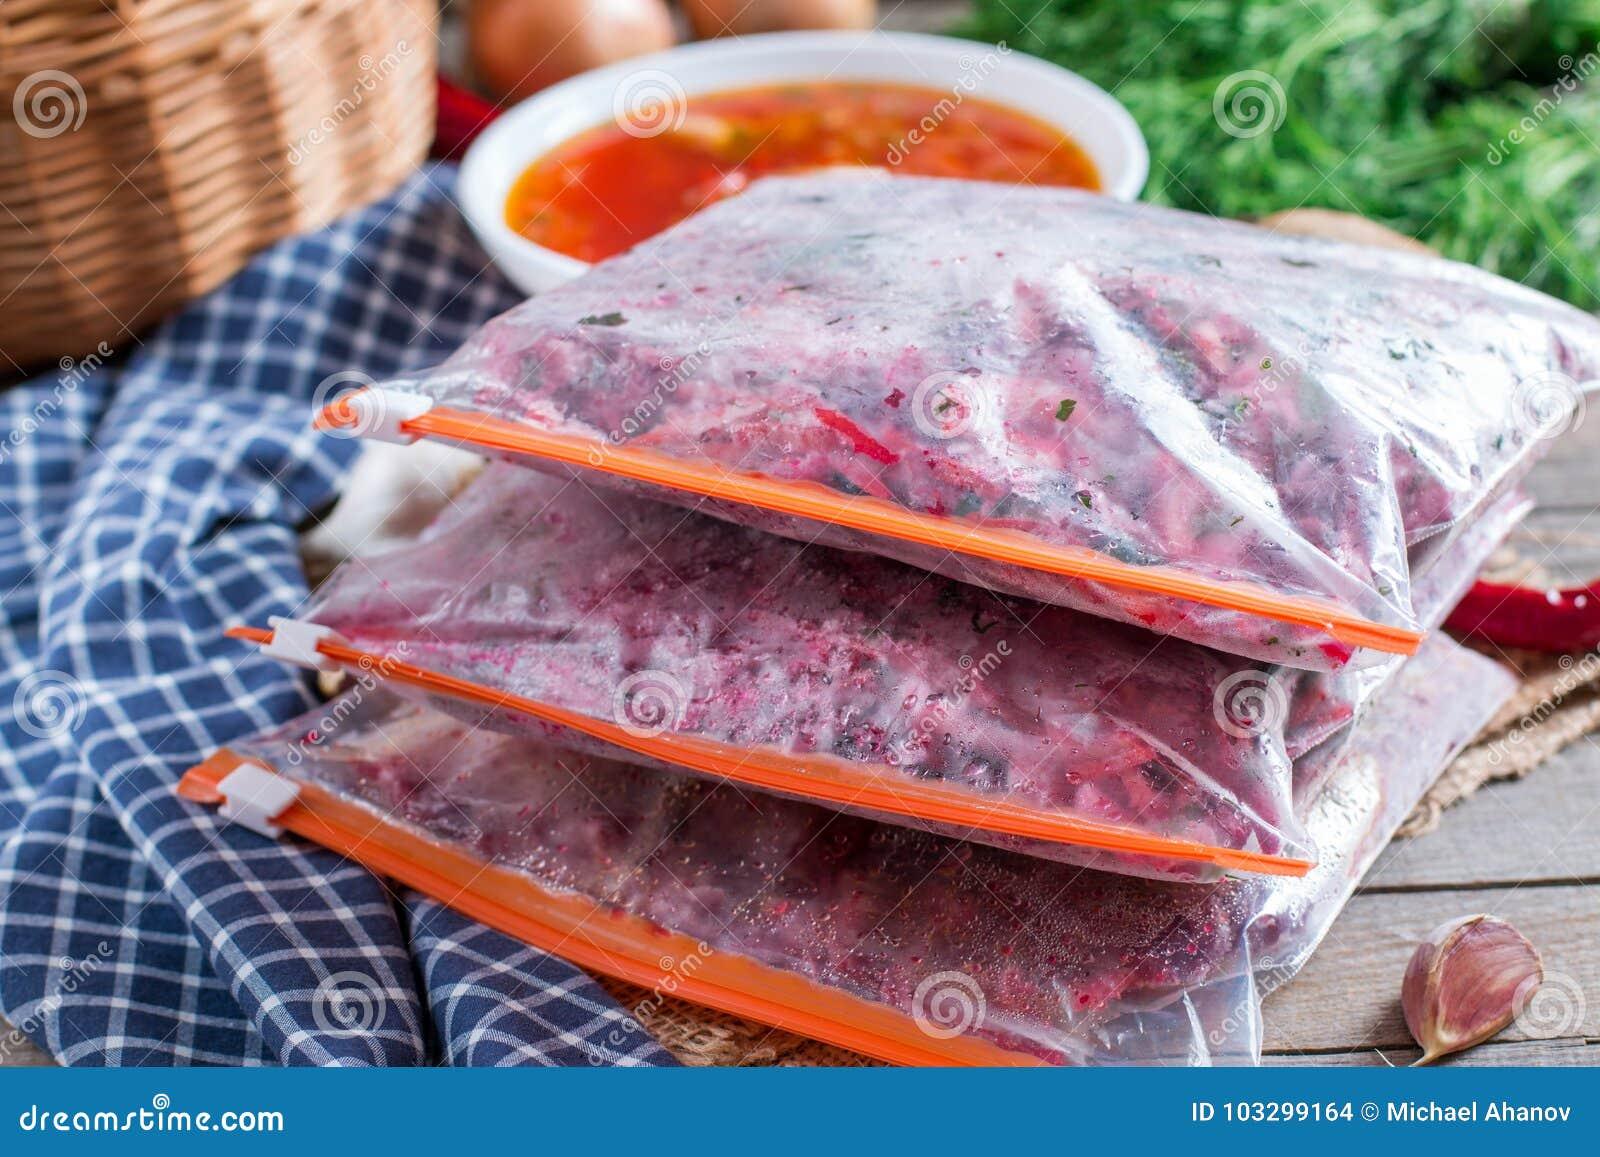 Karotten, rote Rüben und Zwiebeln werden für das Braten für Borschtsch geschnitten beschaffung einfrieren Suppenkochen